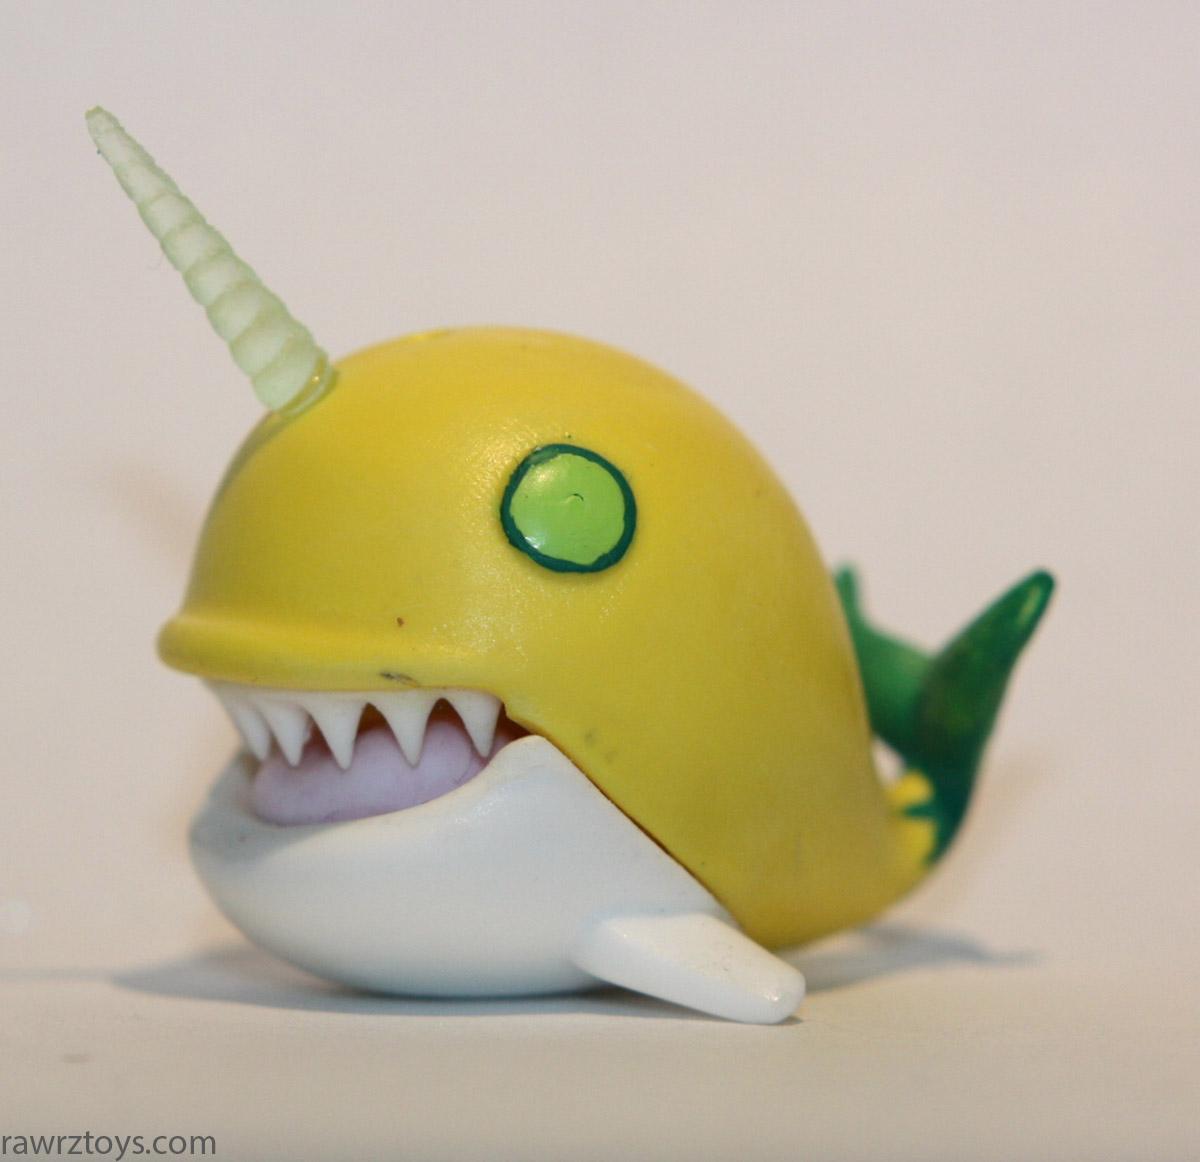 Lemon Shark Toys : Rawrz toys lemon narwhale online store powered by storenvy